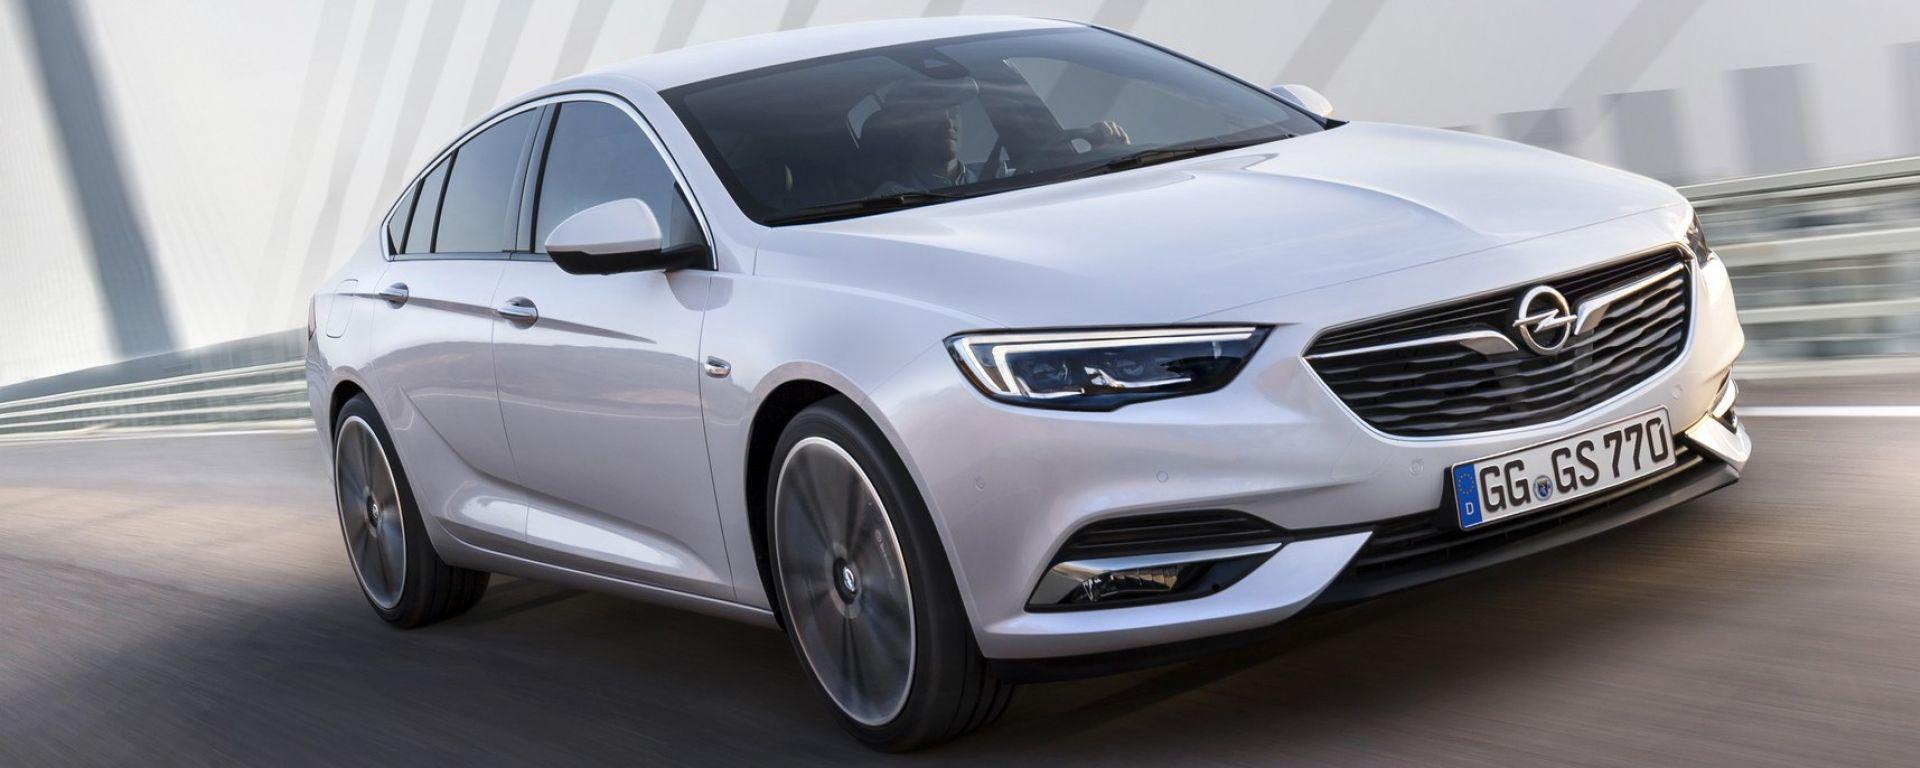 Opel Insignia Grand Sport, le foto ufficiali